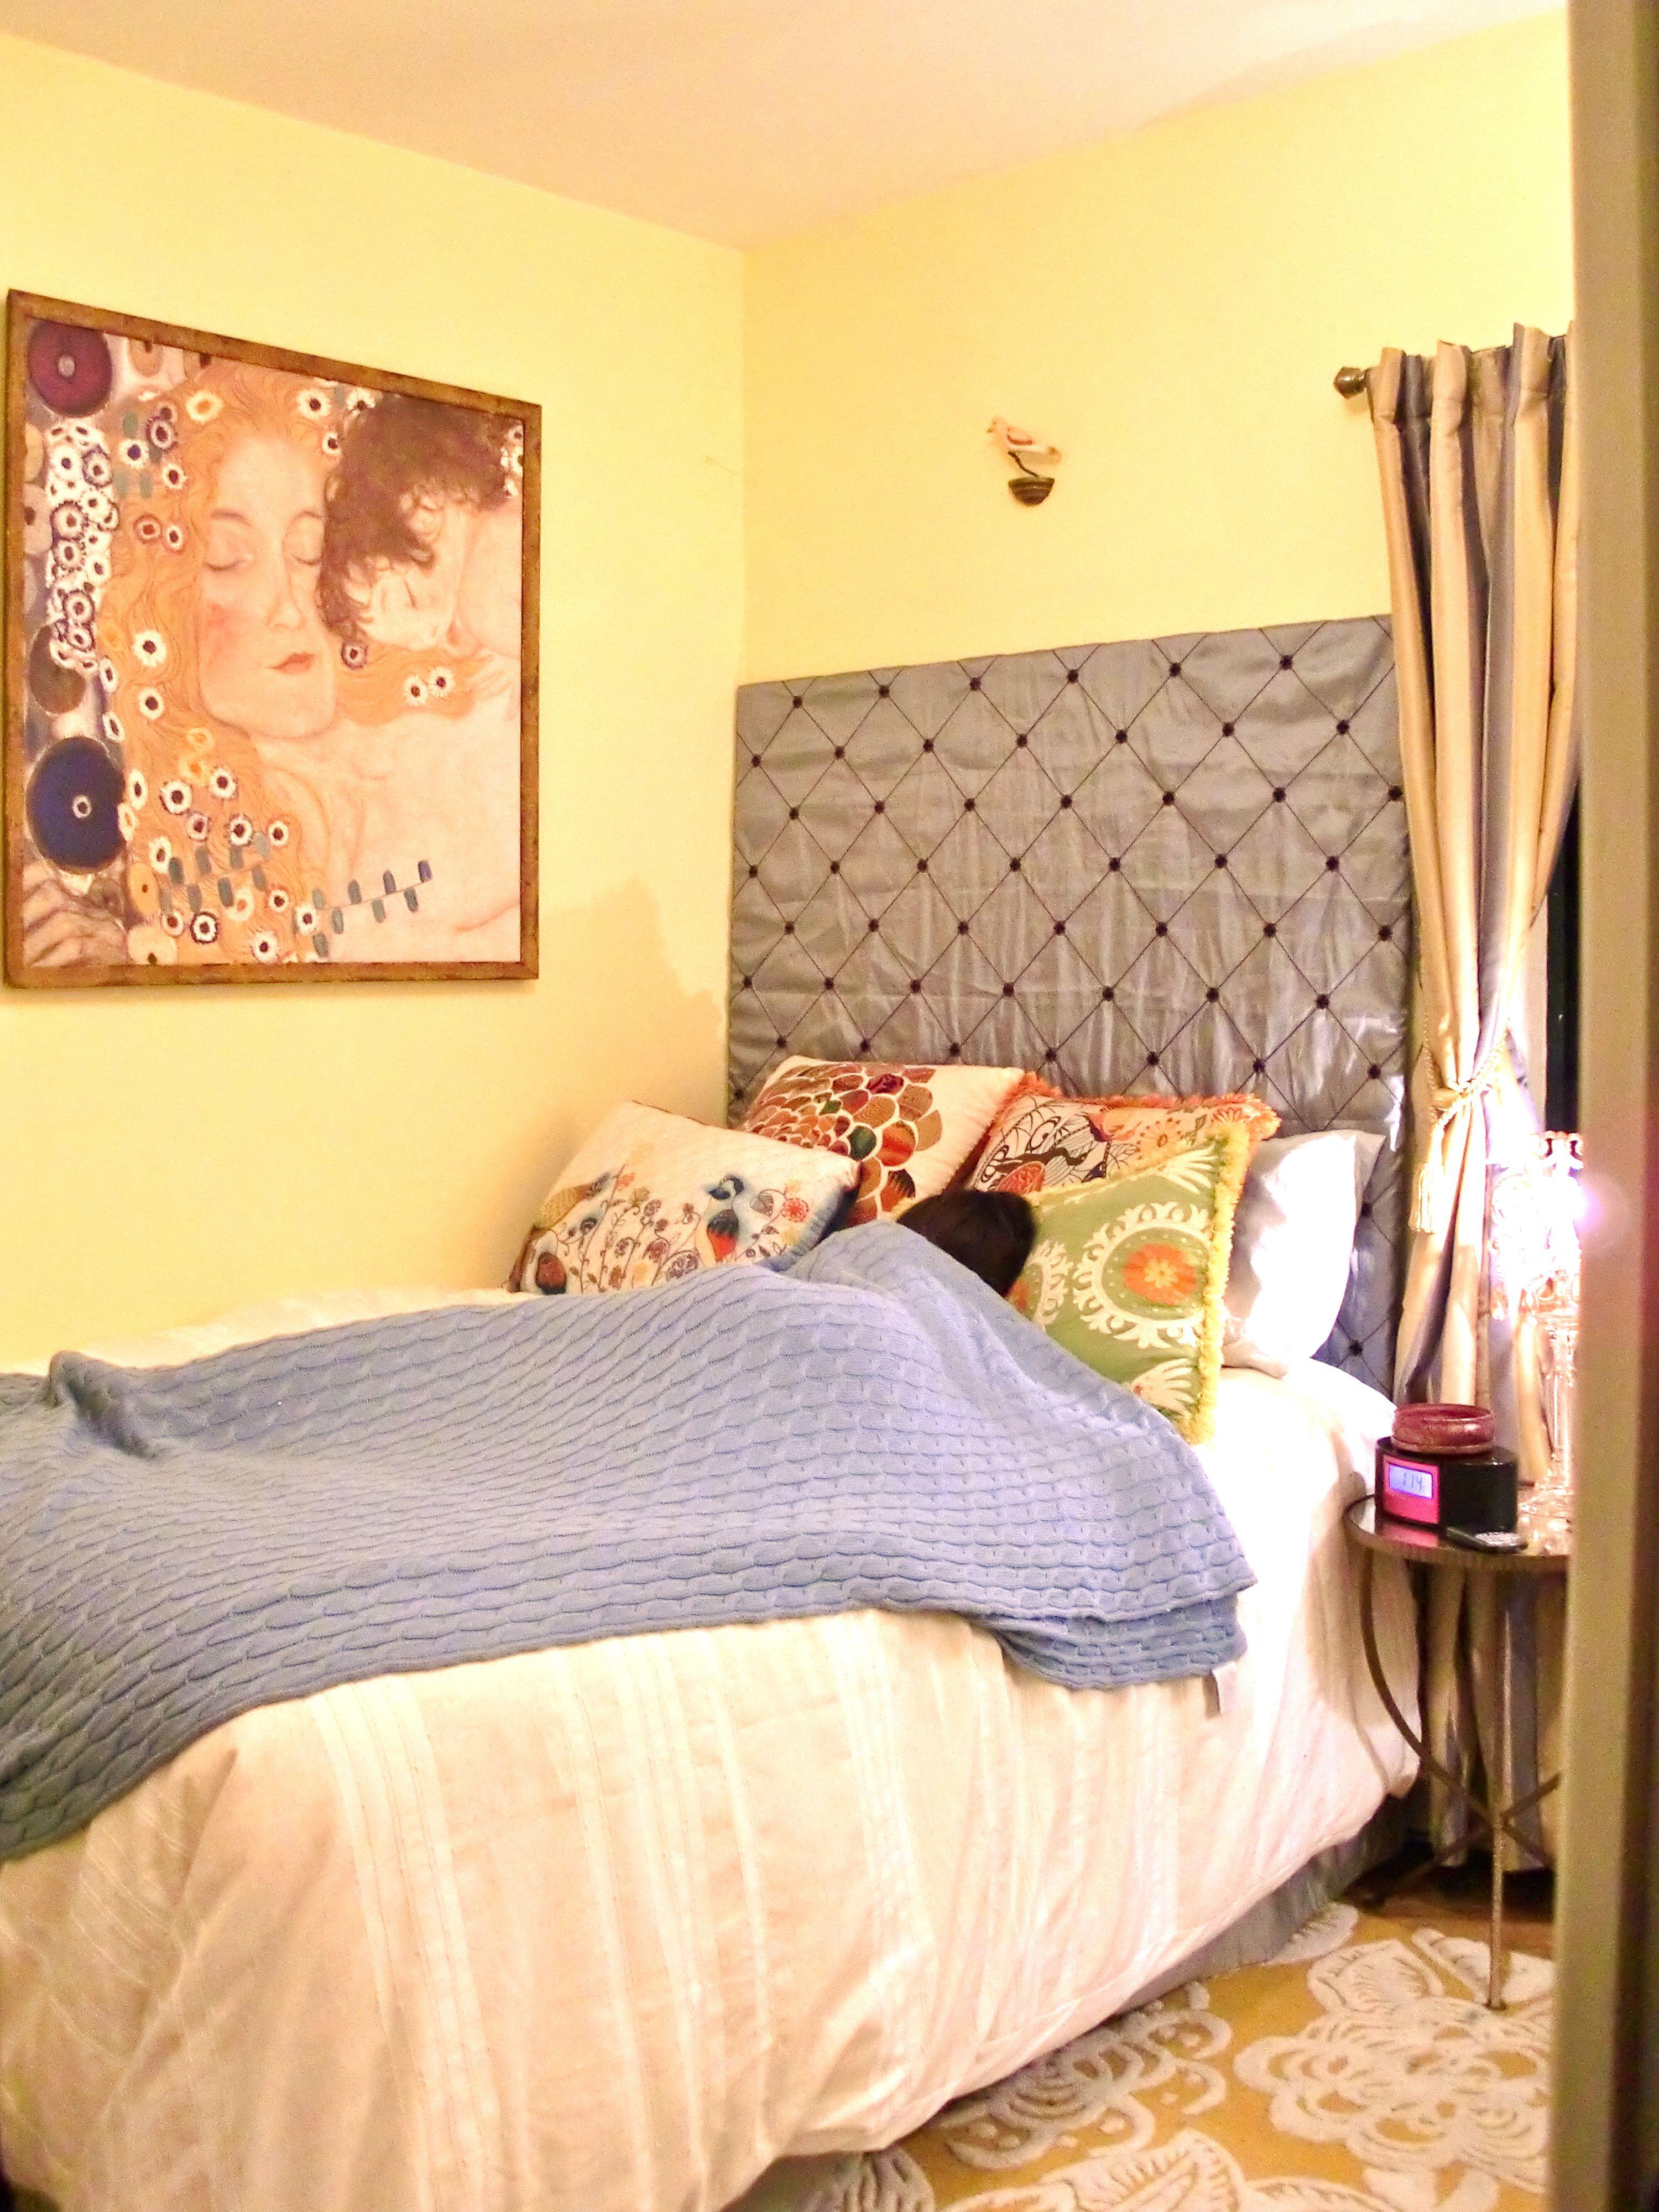 College Apartment Bedroom Decorating Ideas | College Apartment Décor ...